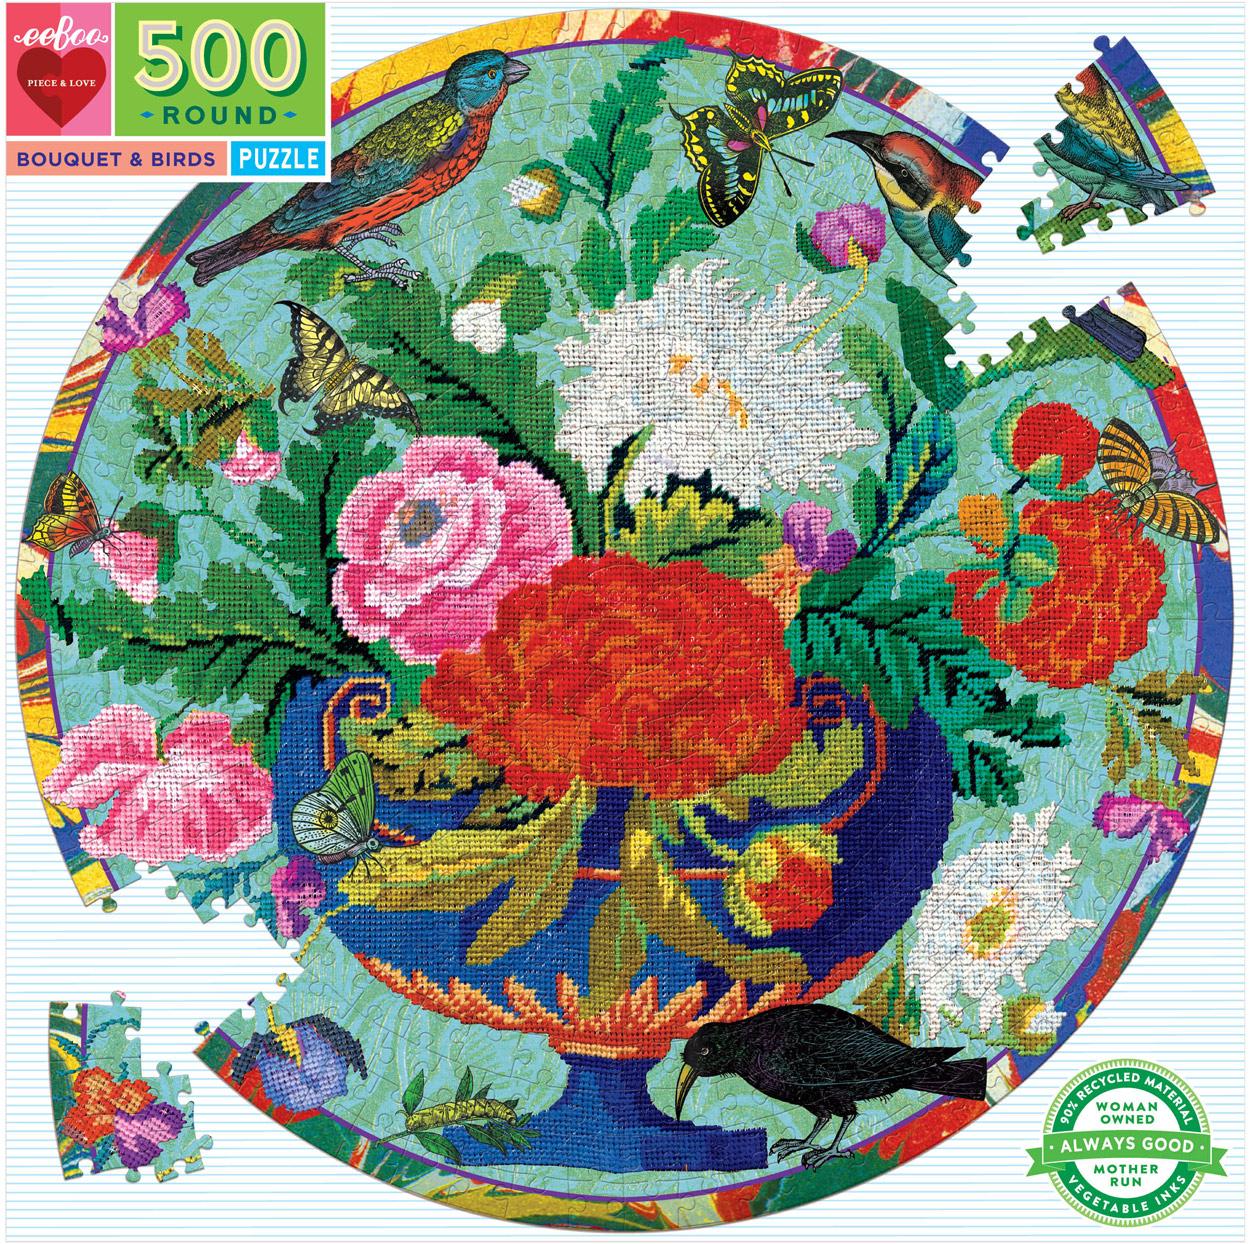 Bouquet & Birds Birds Round Jigsaw Puzzle